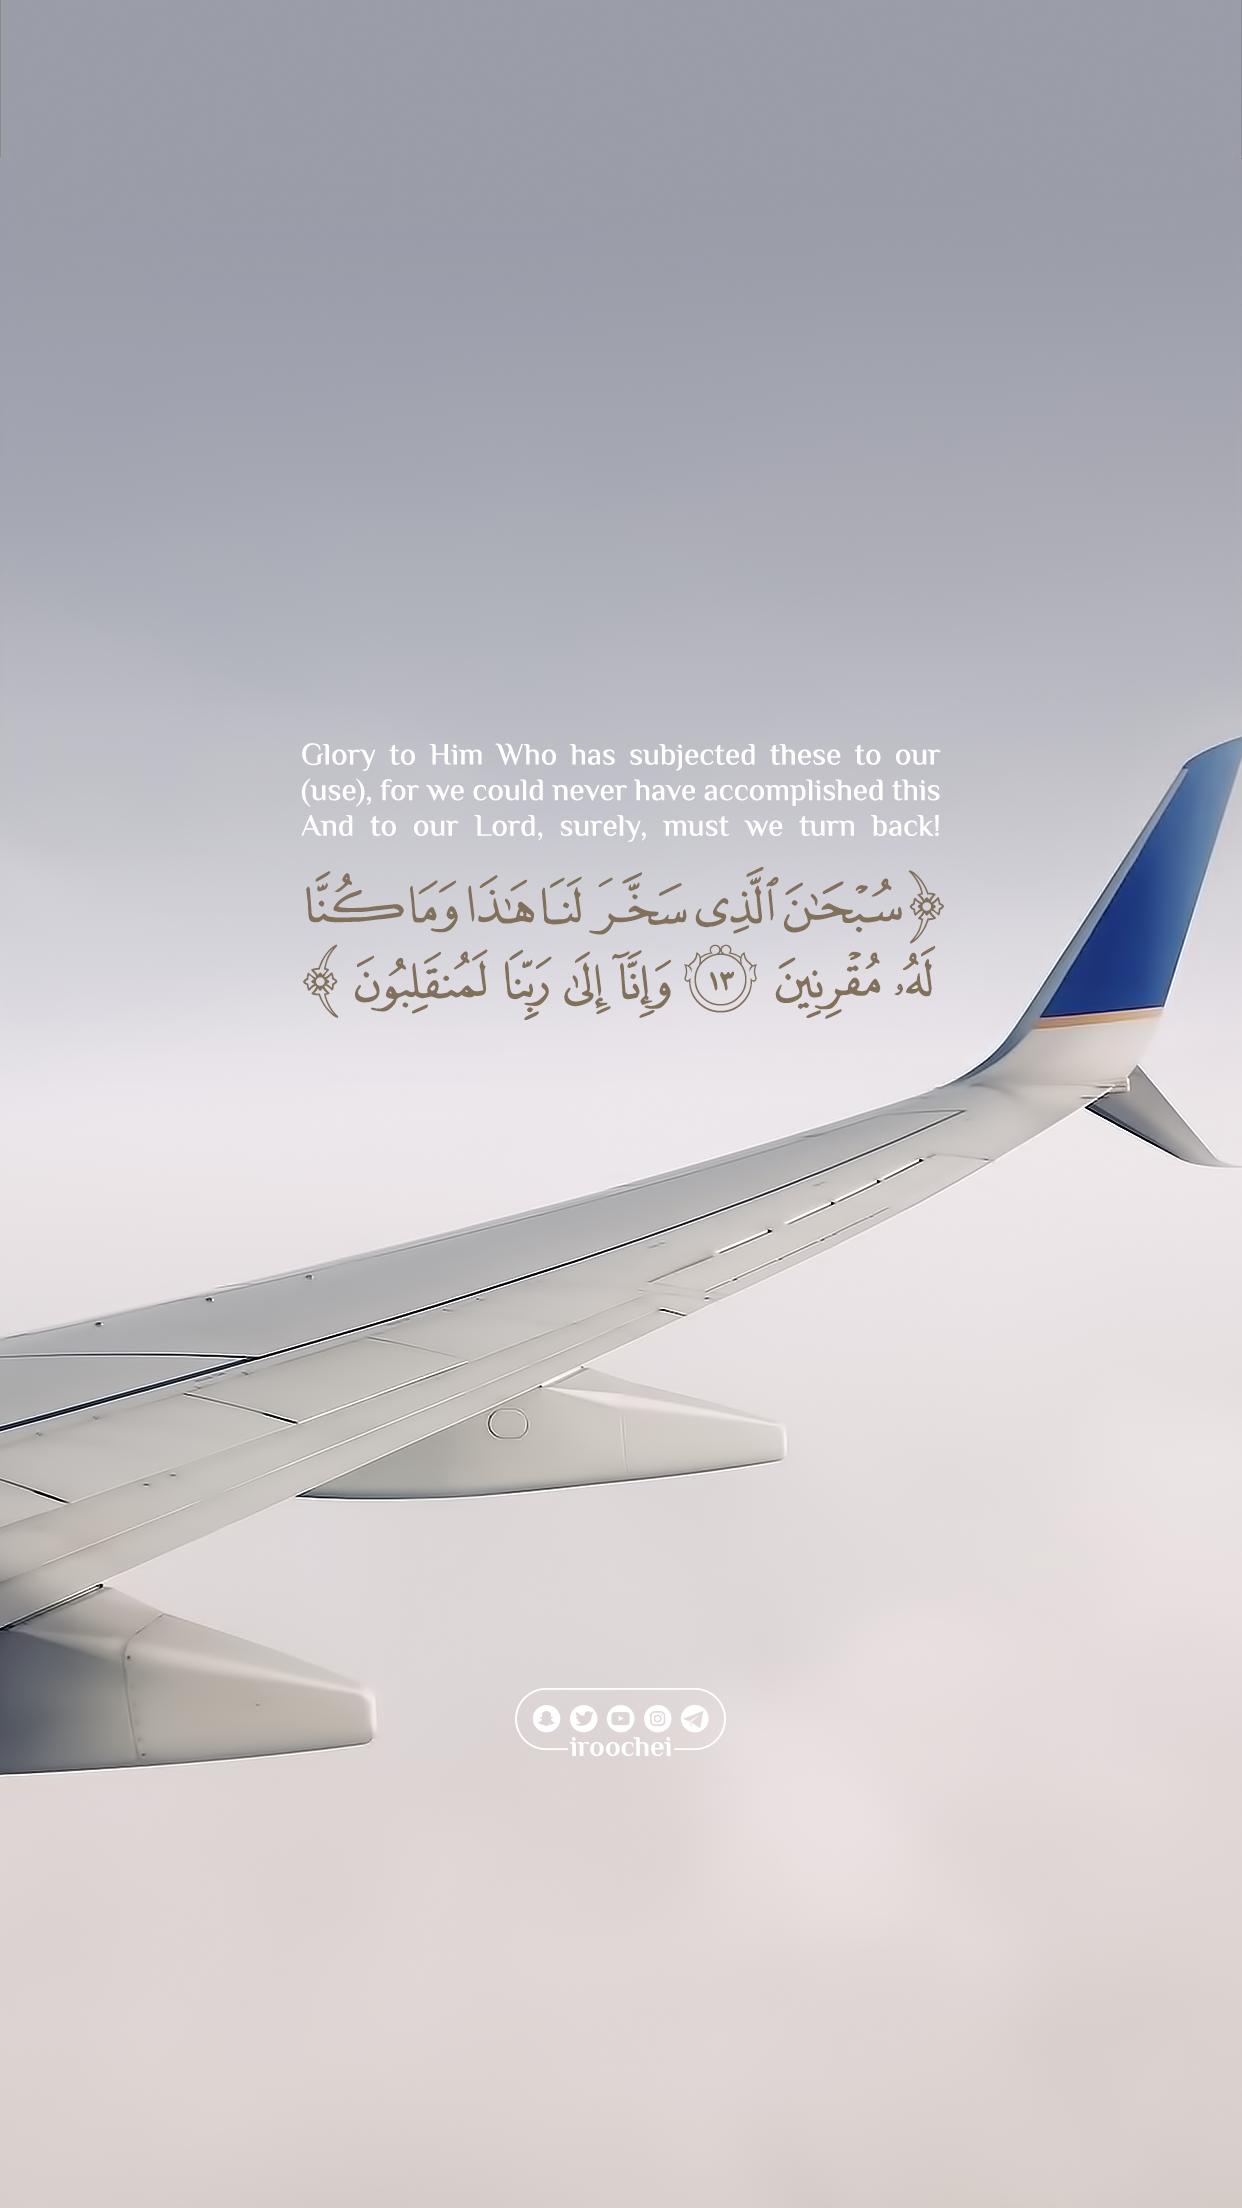 سبحان الذي سخر لنا هذا Quran Verses Beautiful Quran Quotes Quran Book